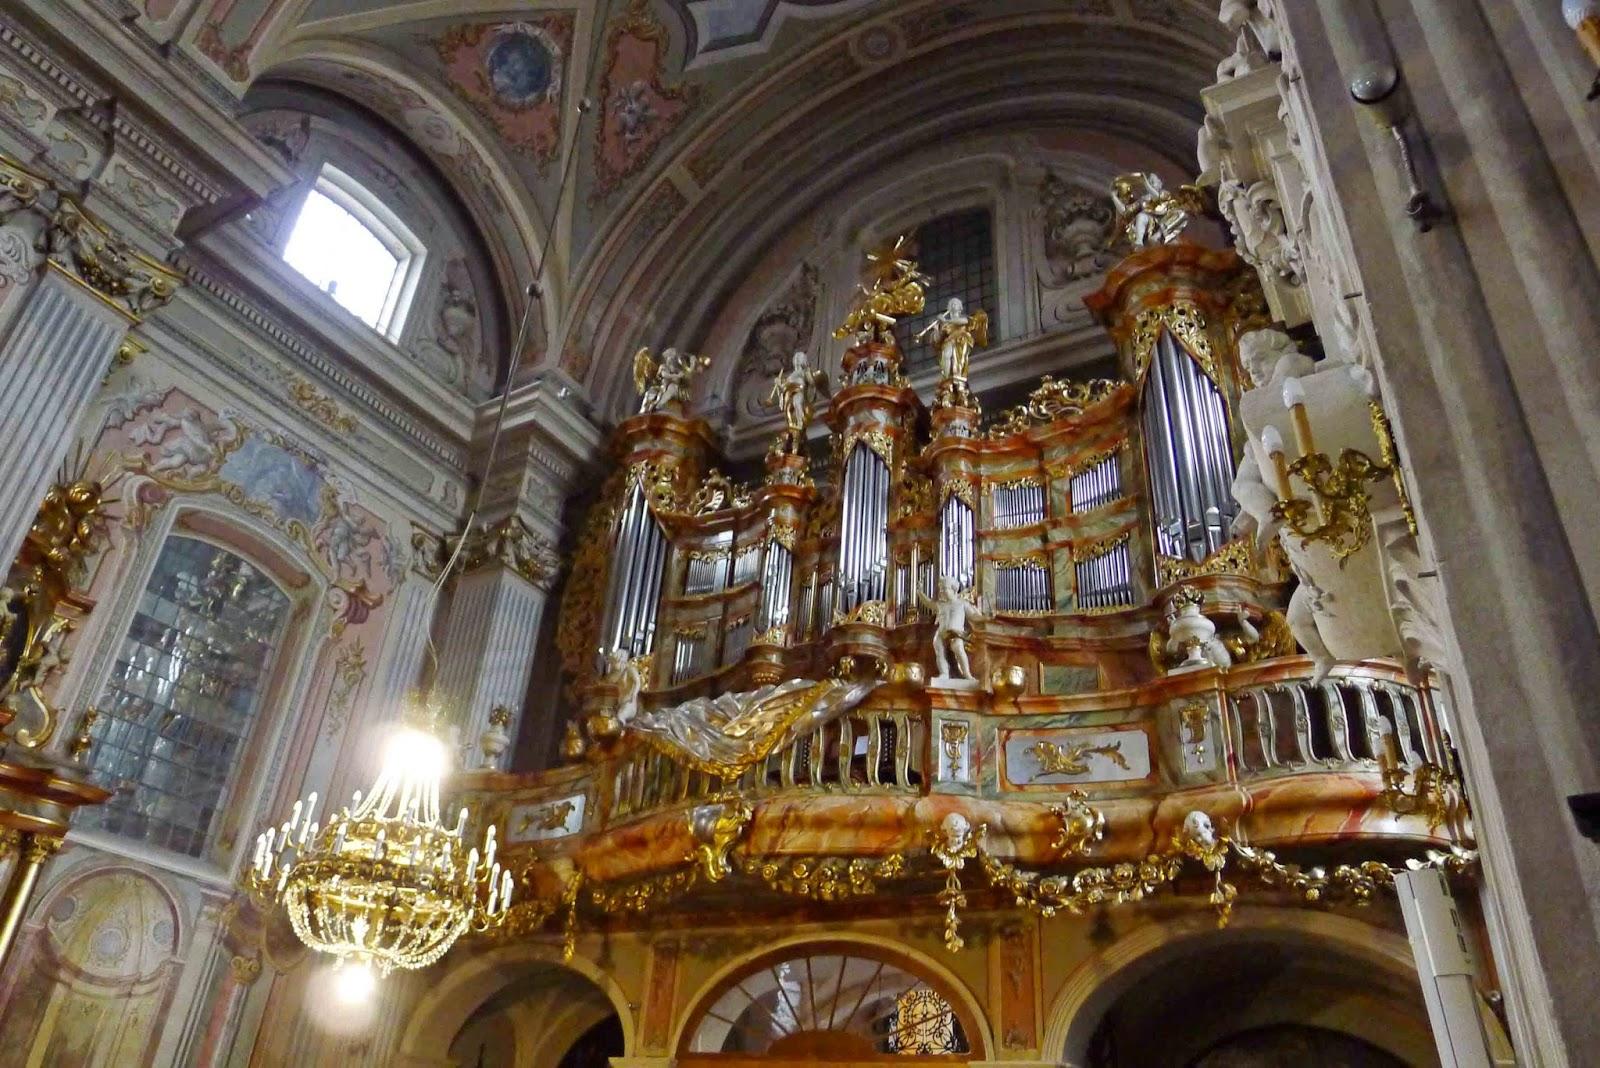 St. Anne's Church Organ